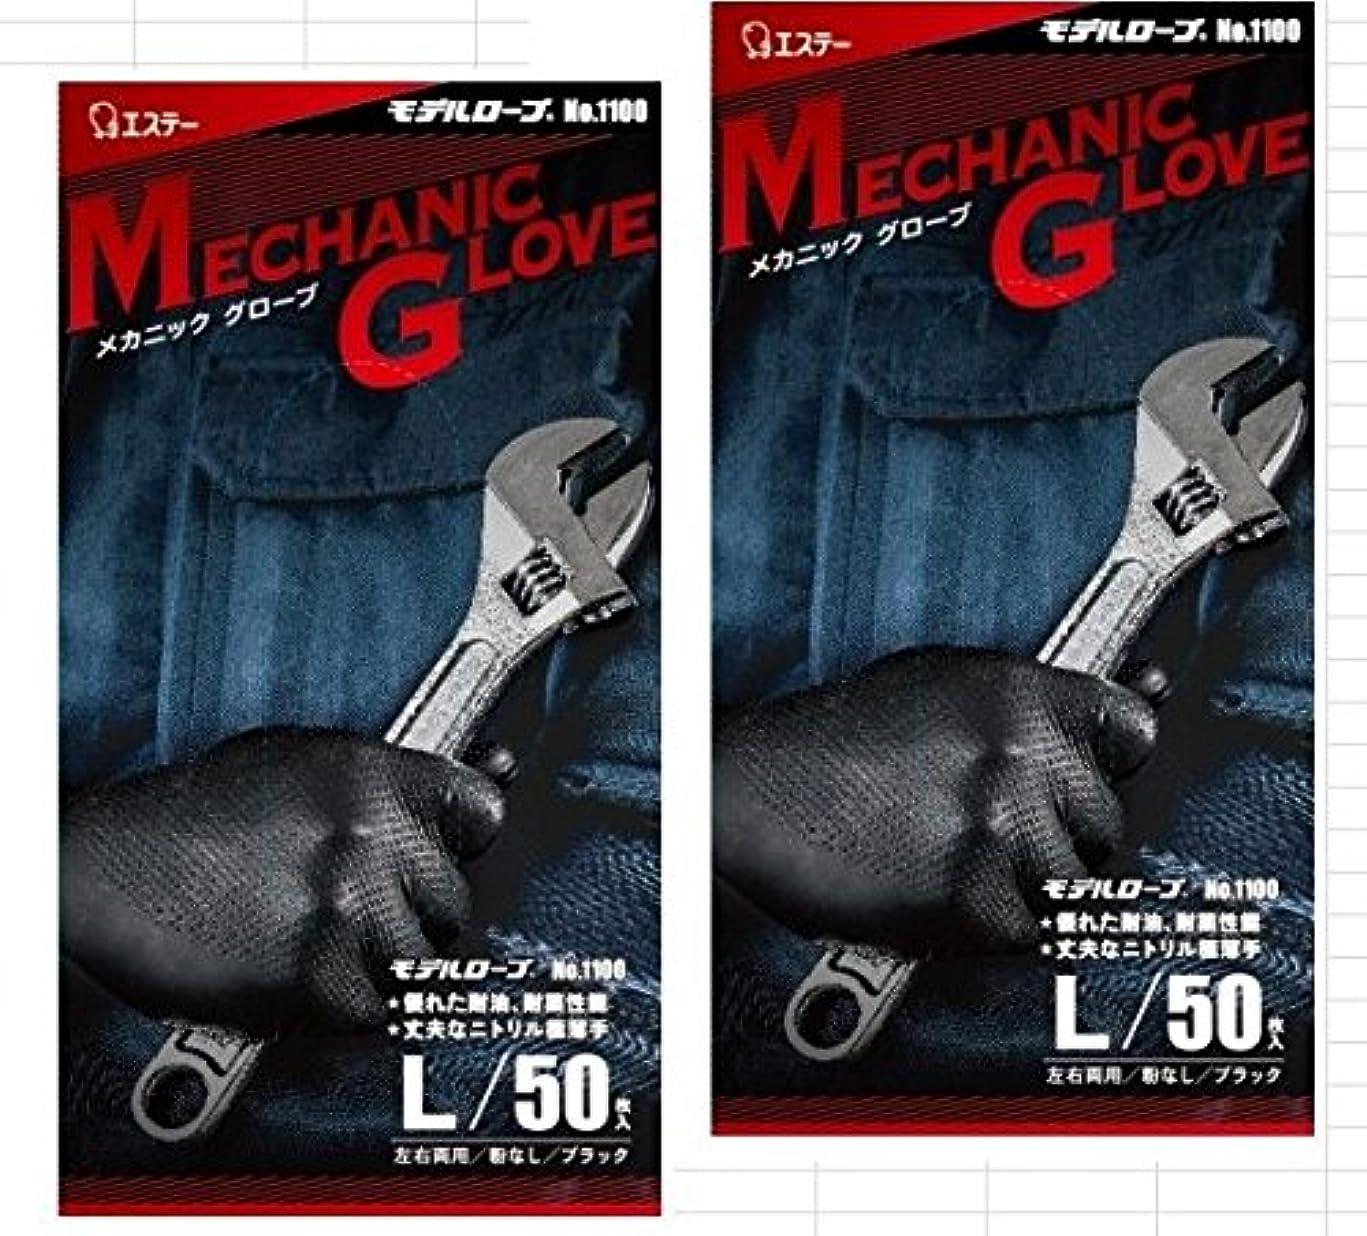 杭しなやか四回【2組】モデルローブ No.1100 メカニックグローブ Lサイズ ブラック 50枚 …